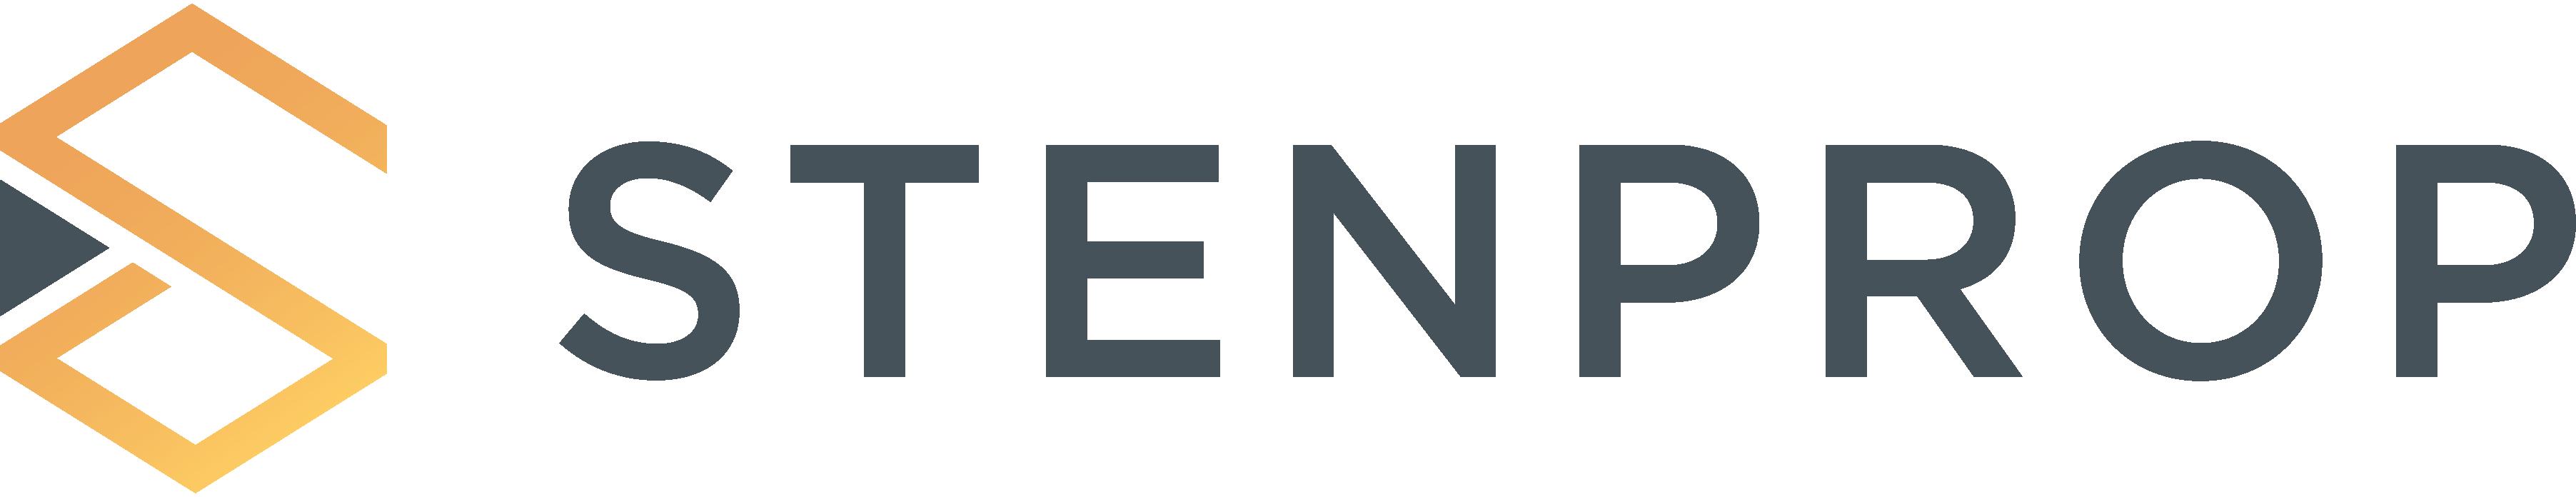 Stenprop Limited